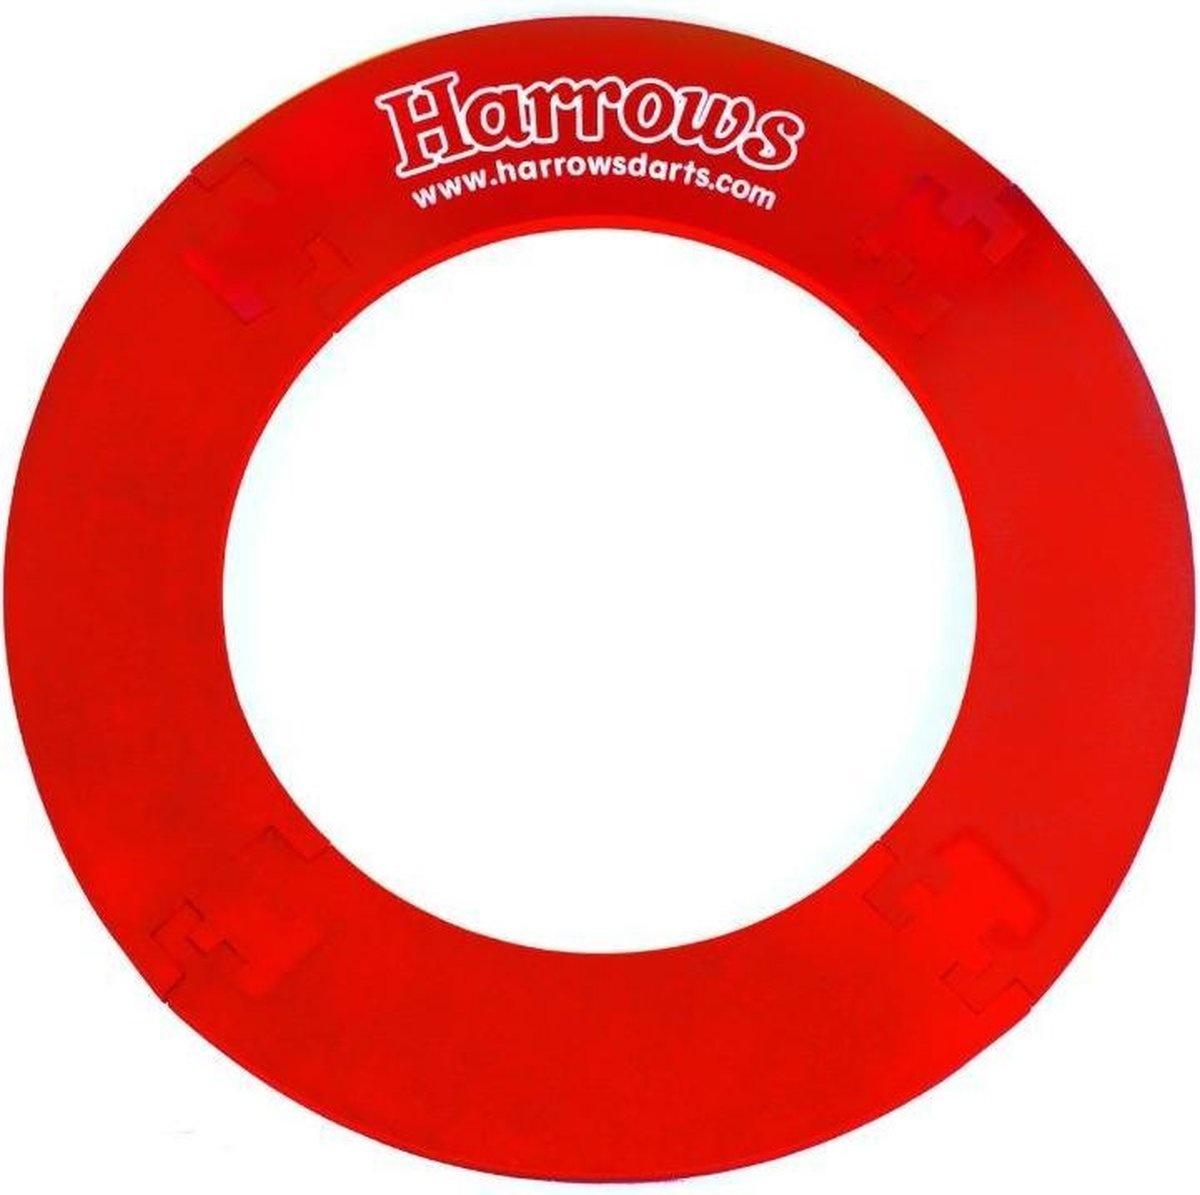 Harrows Darts Harrows 4 Piece Dartboard Surround Rood